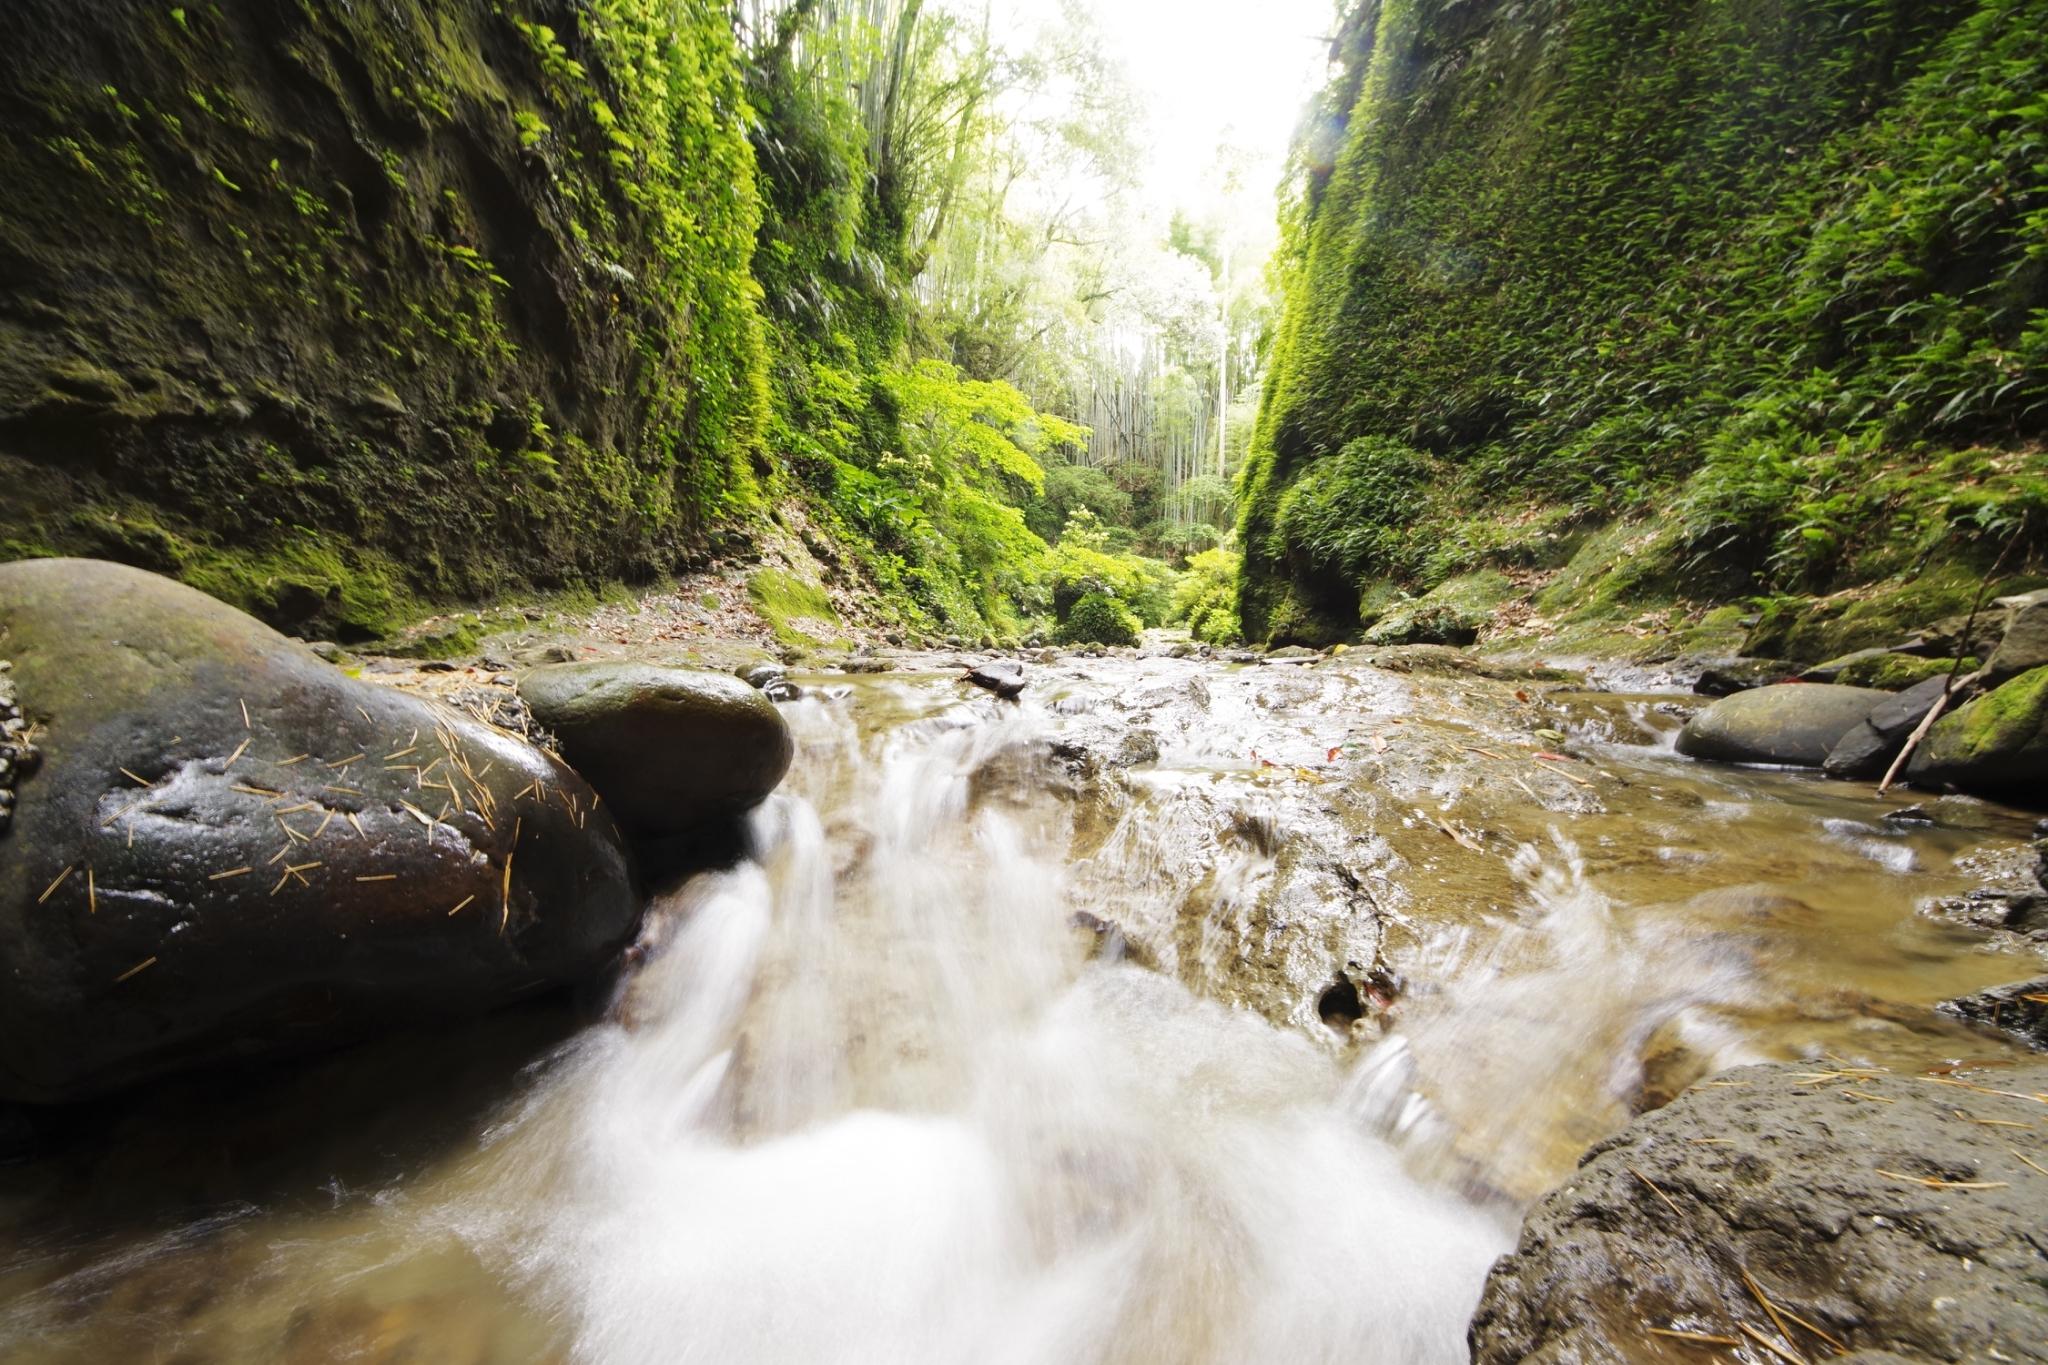 みなぎる緑の生命力!自然が作り上げた神秘の洞窟「伊尾木洞」